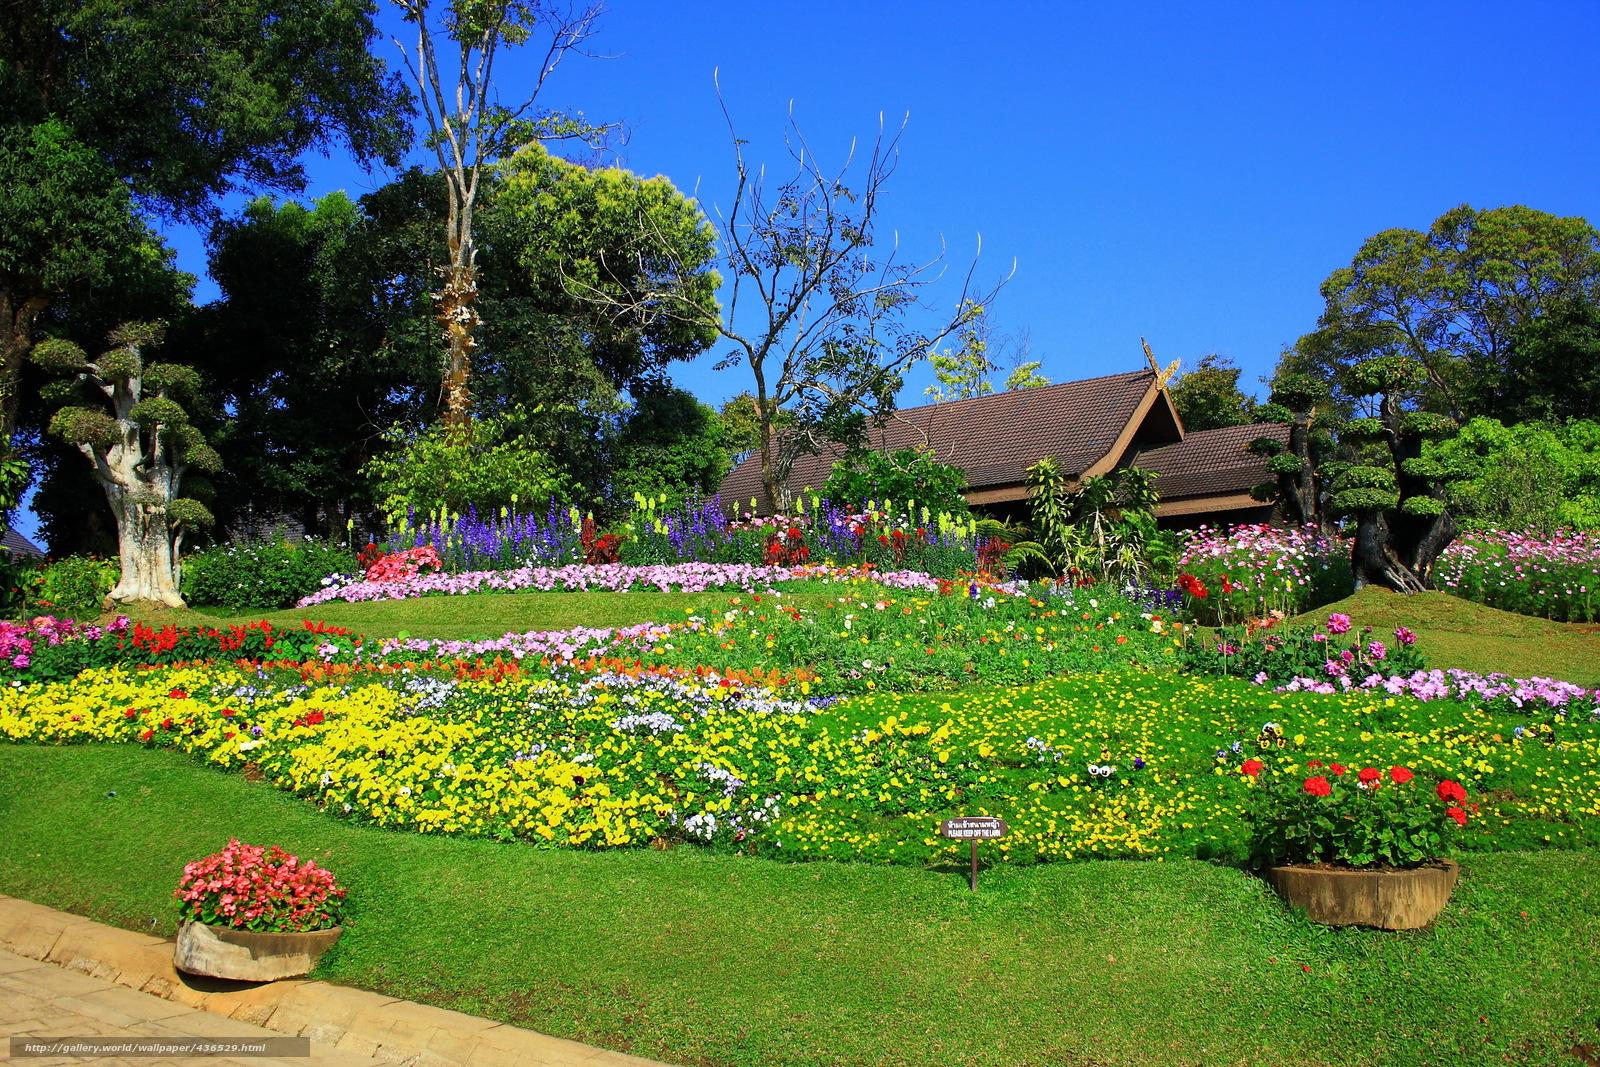 tlcharger fond d 39 ecran jardin maison parterre de fleurs mer de fleurs fonds d 39 ecran gratuits. Black Bedroom Furniture Sets. Home Design Ideas